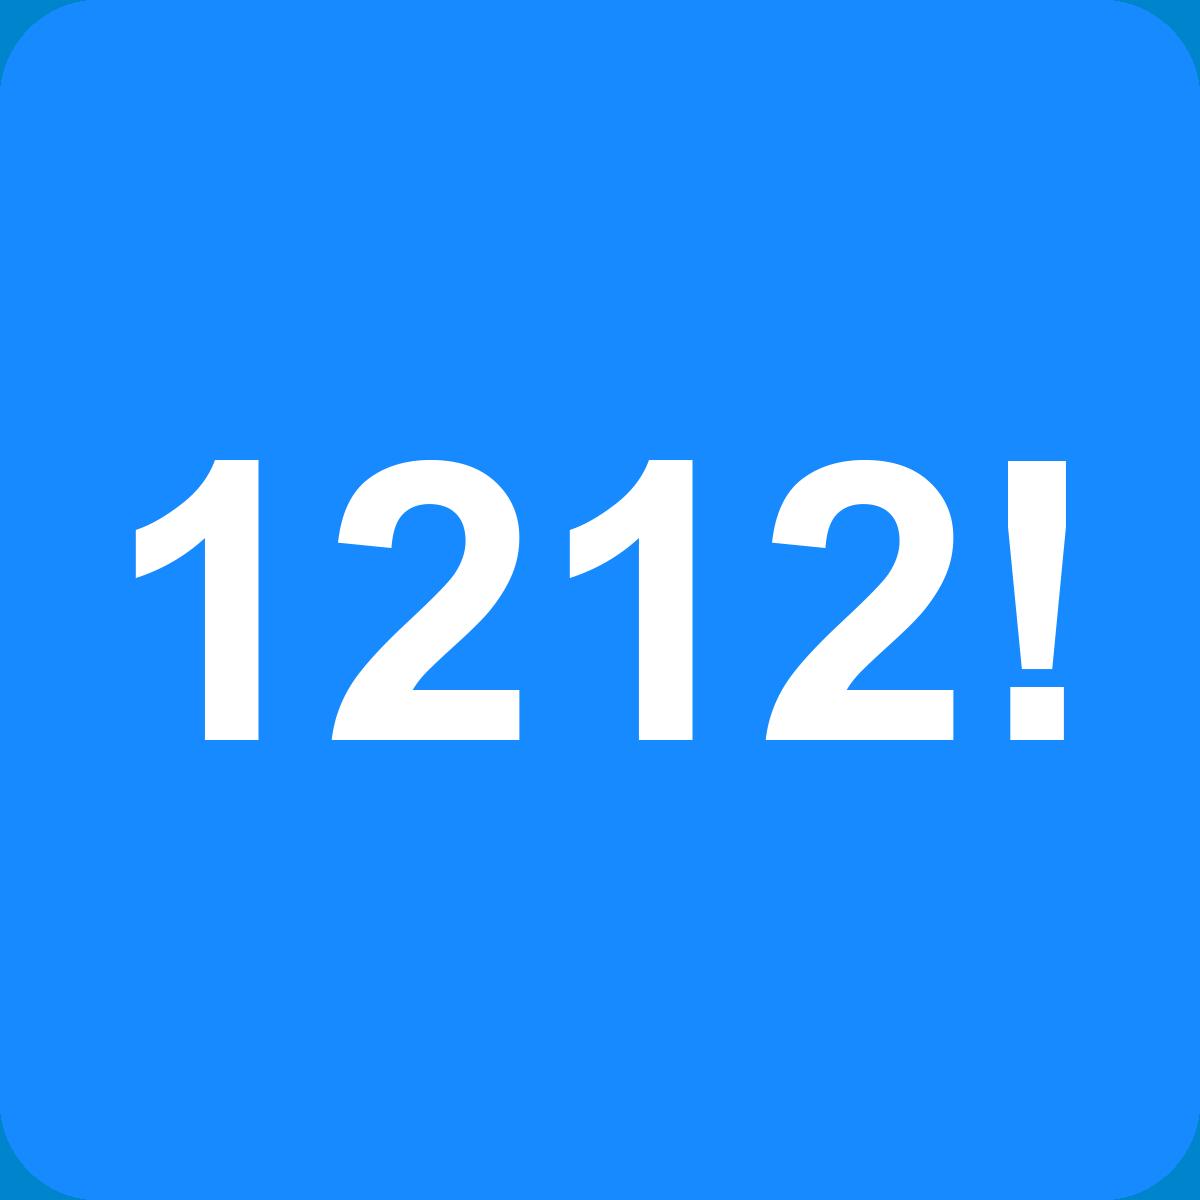 1212 Spiel